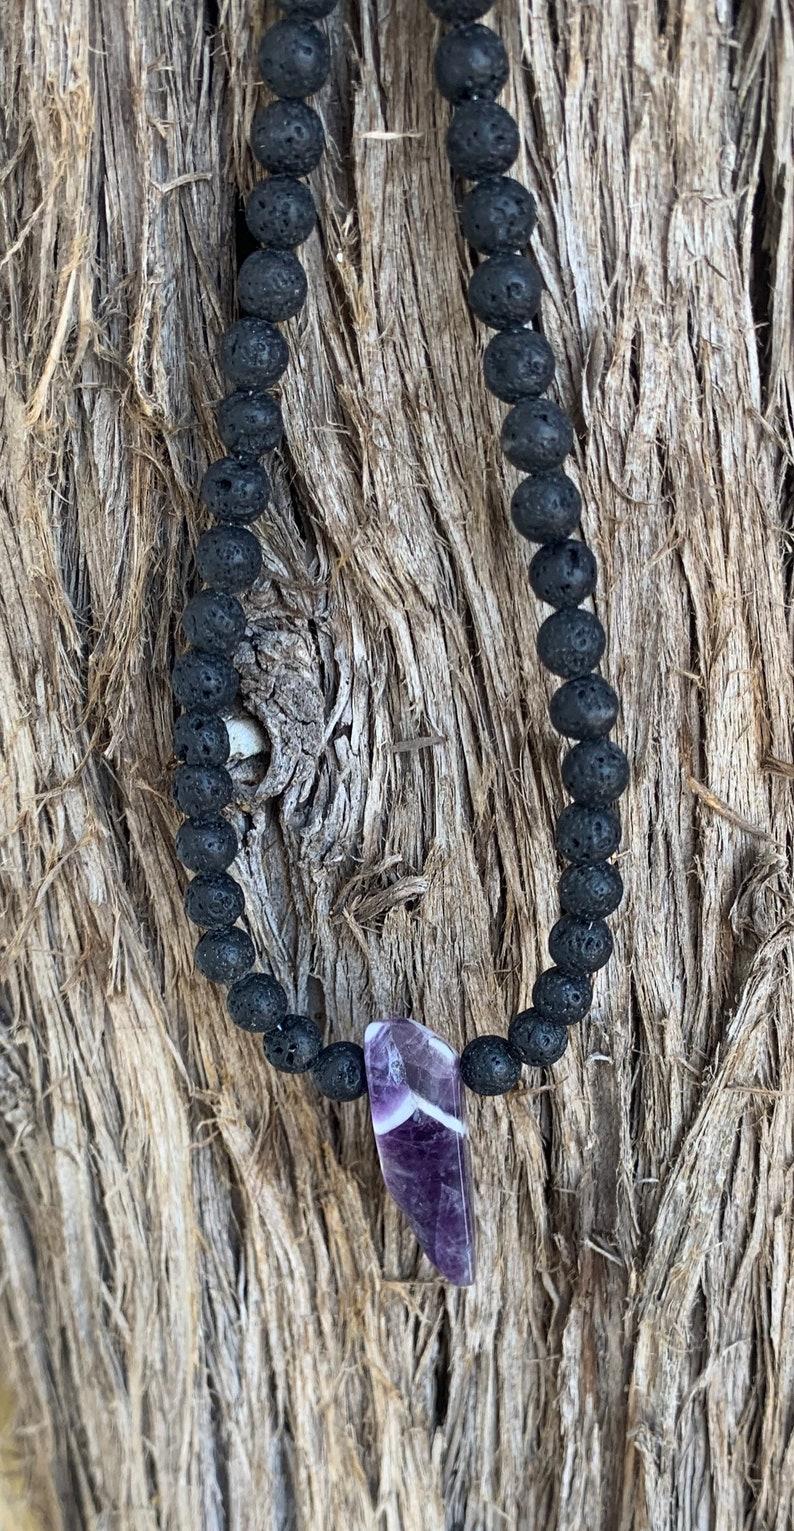 Chevron amethyst crystal on a black lava rock necklace amethyst necklace rough cut amethyst crystal necklace amethyst crystal necklace,